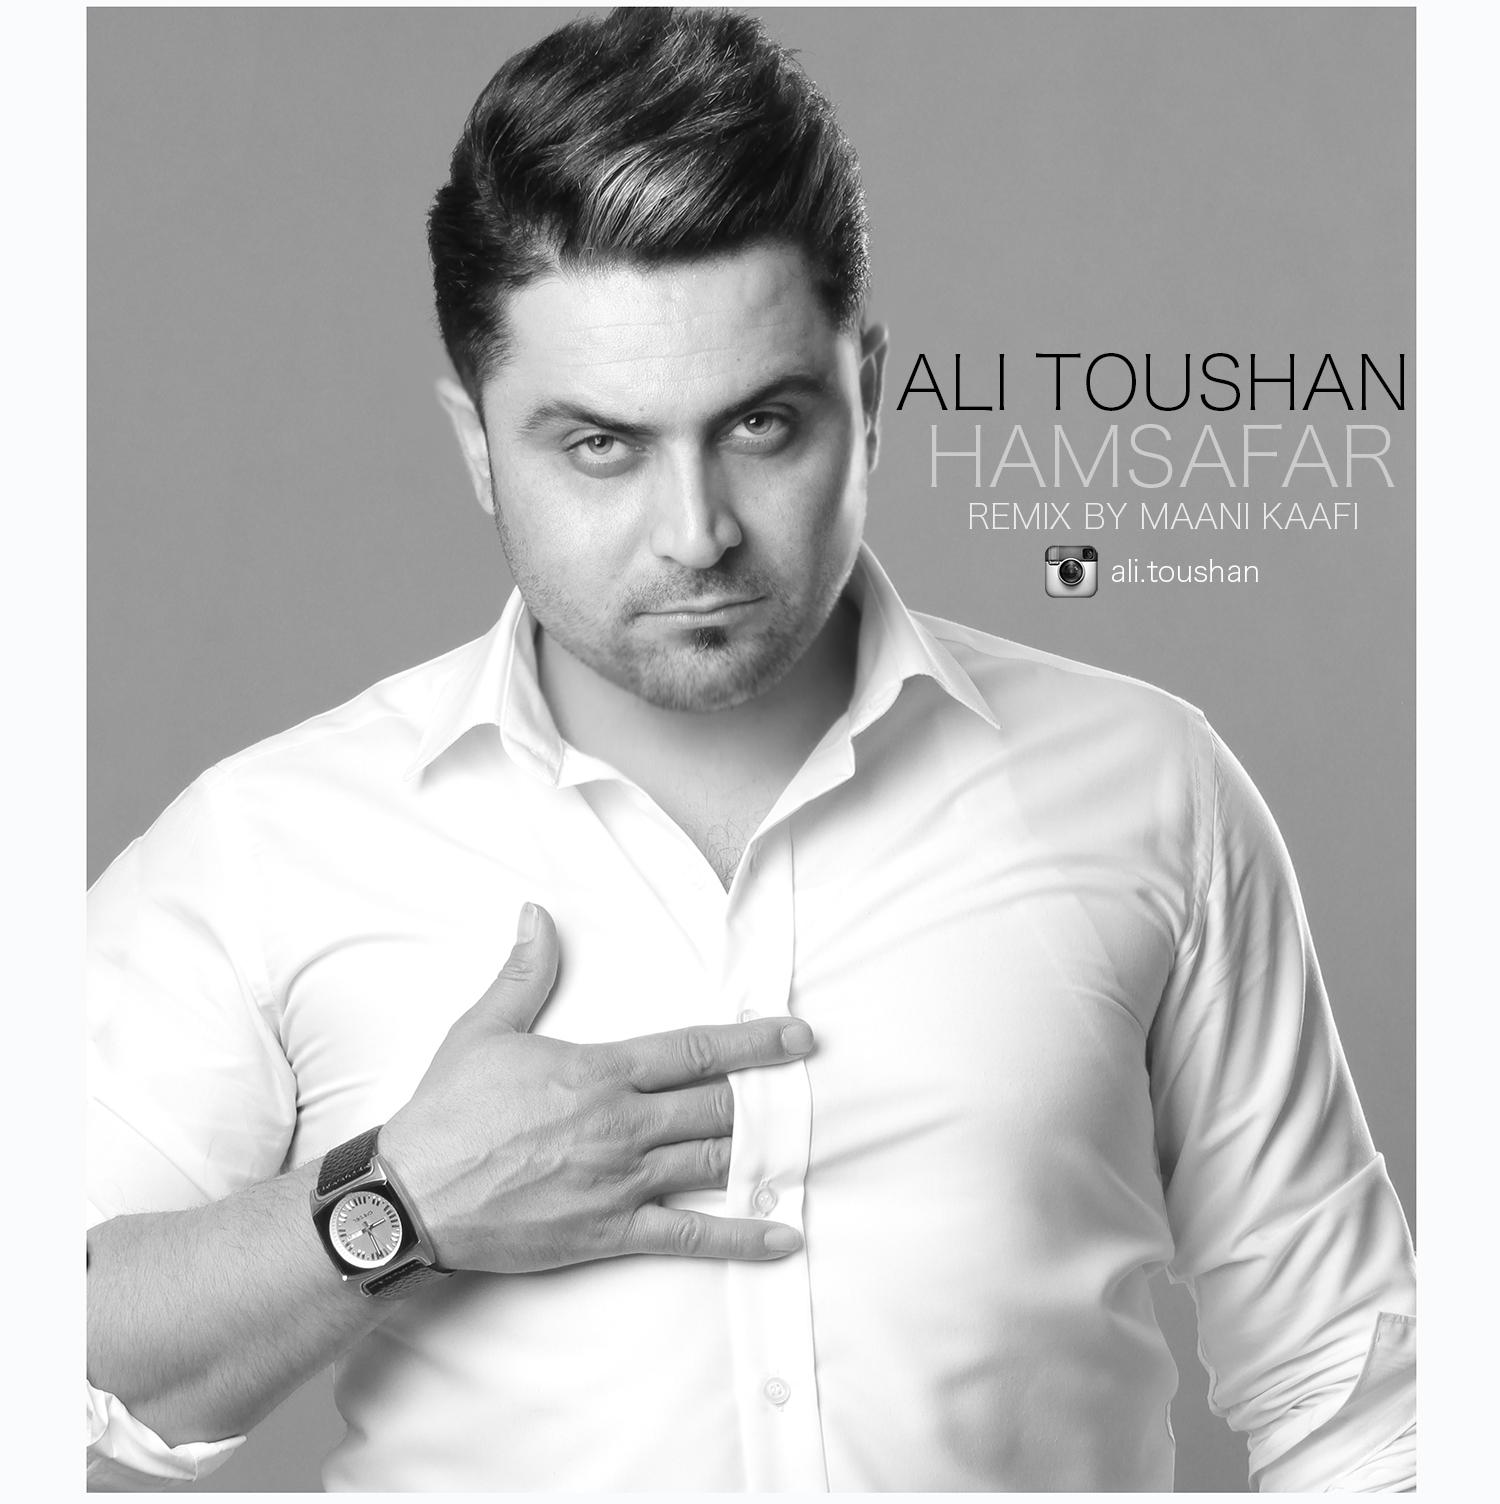 Ali Toushan – Hamsafar ( Remix By Maani Kaafi )